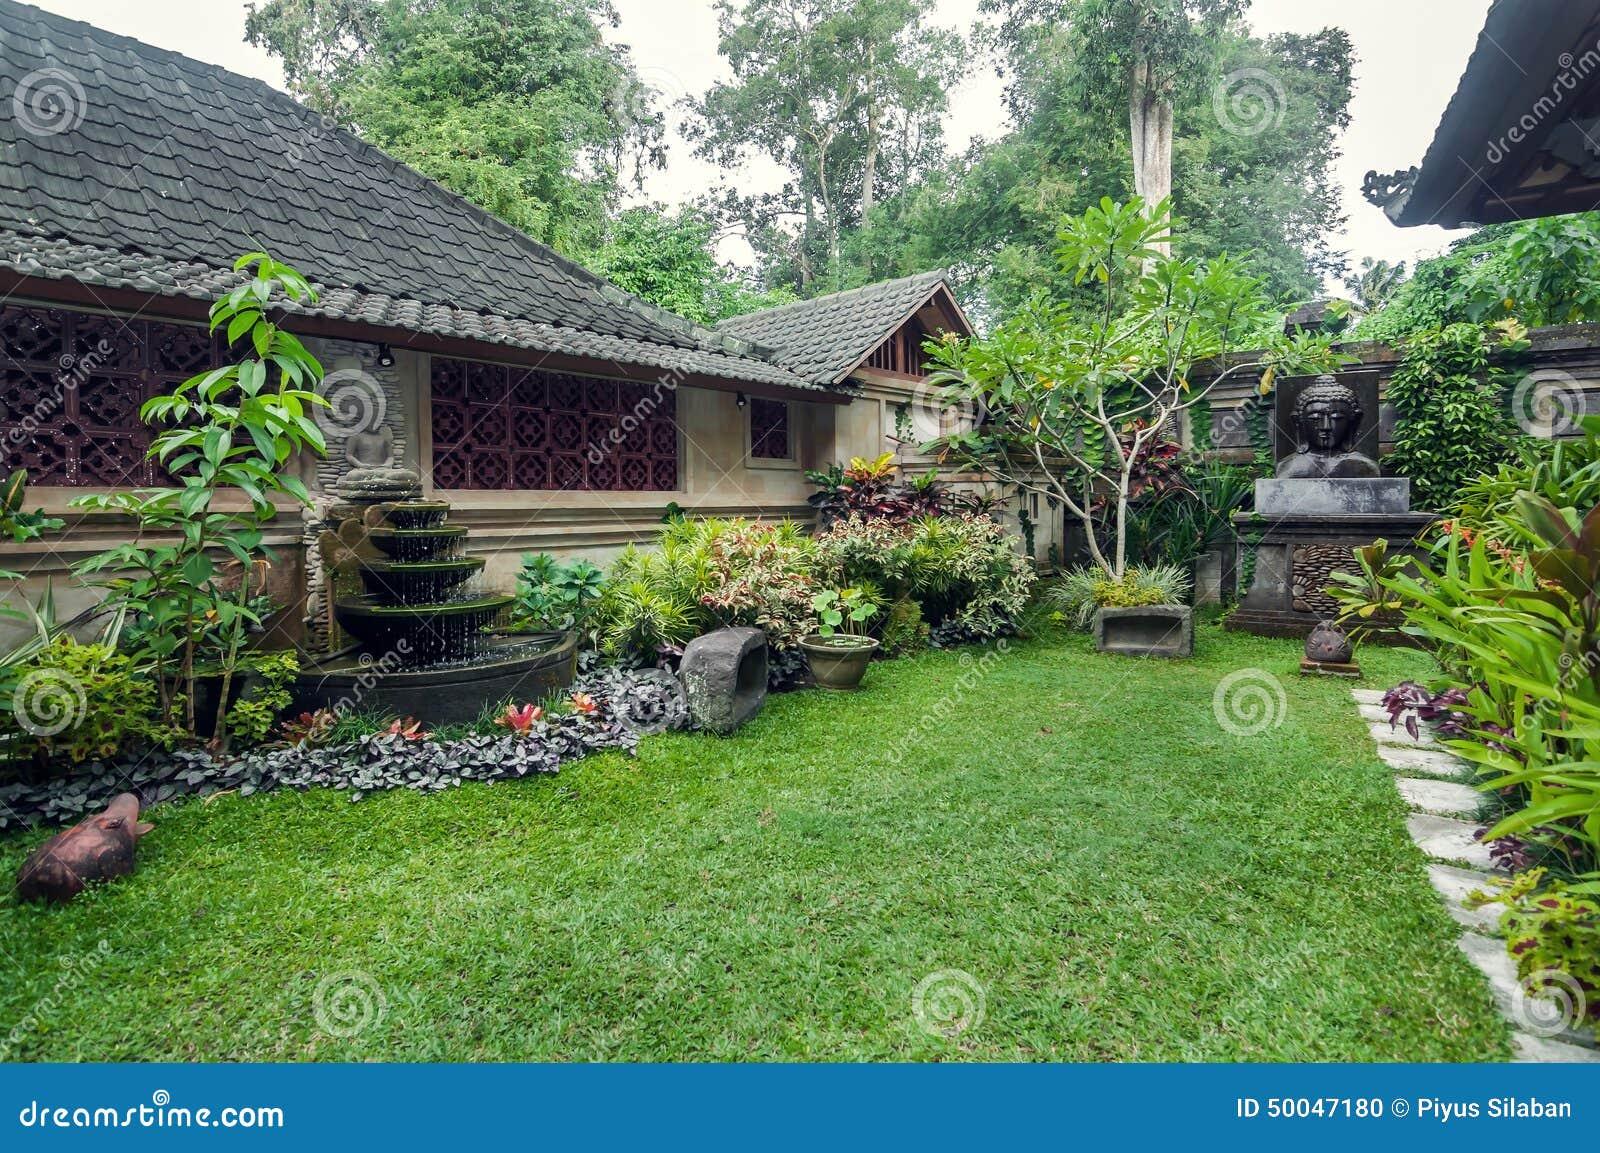 Luxury And Beautiful Exterior Garden Villa Stock Photo